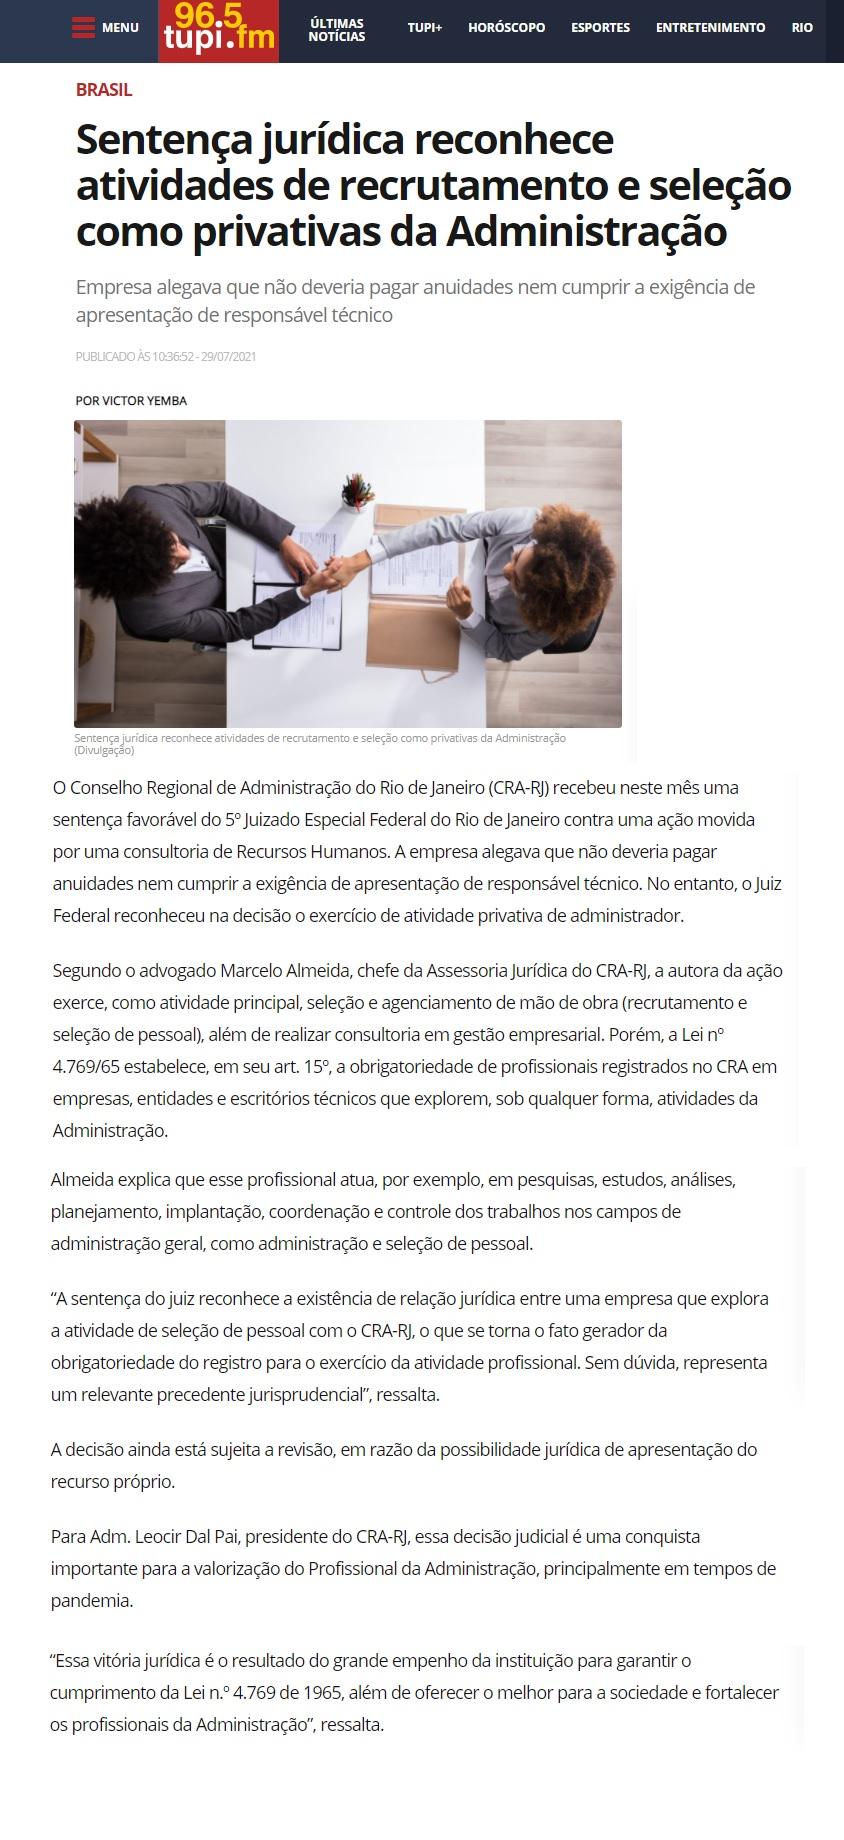 https://www.tupi.fm/brasil/sentenca-juridica-reconhece-atividades-de-recrutamento-e-selecao-como-privativas-da-administracao/